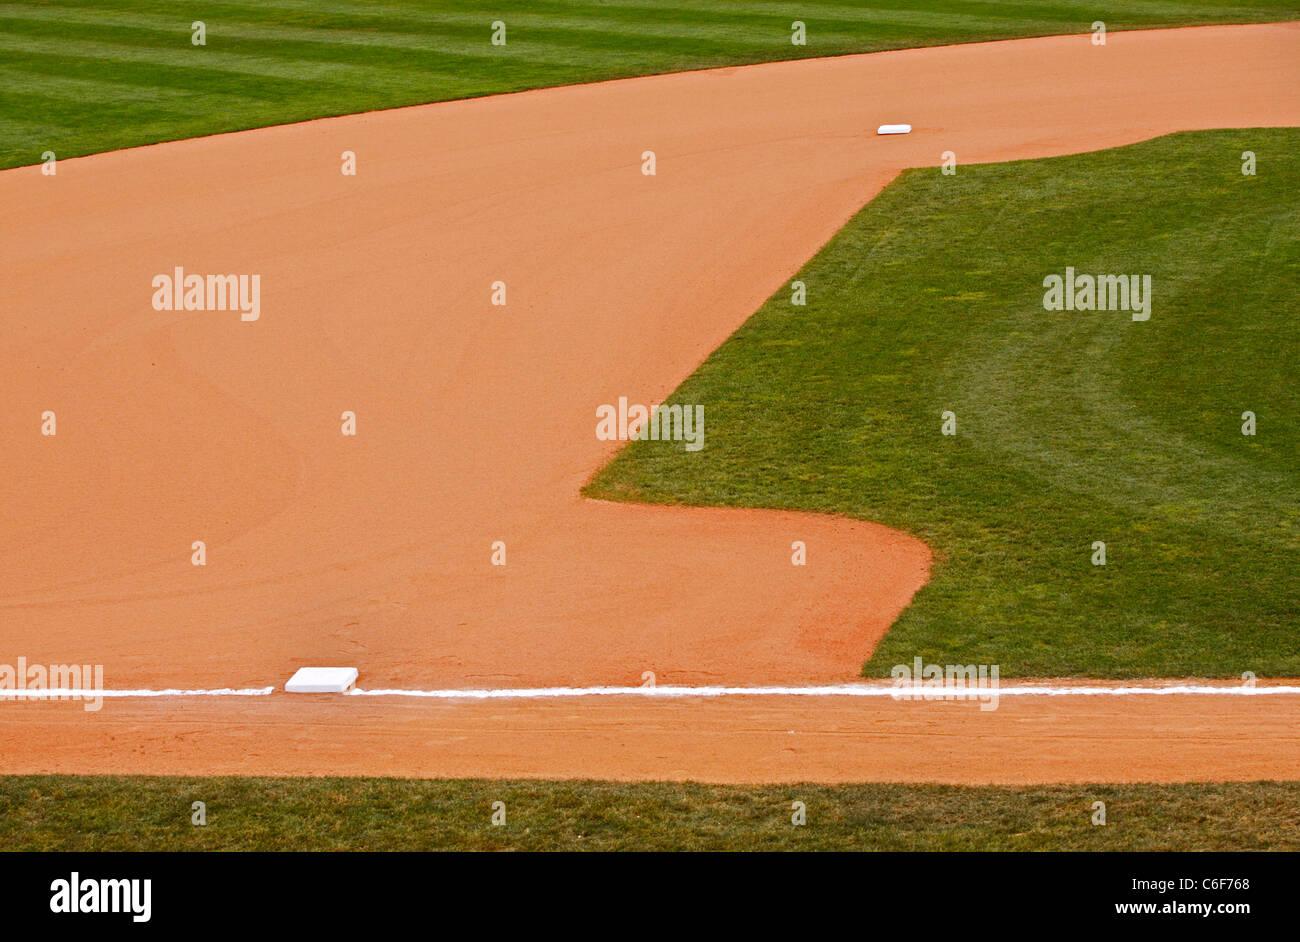 Une partie d'un parc de baseball de la poussière et de l'herbe de l'infield montrant deuxième Photo Stock